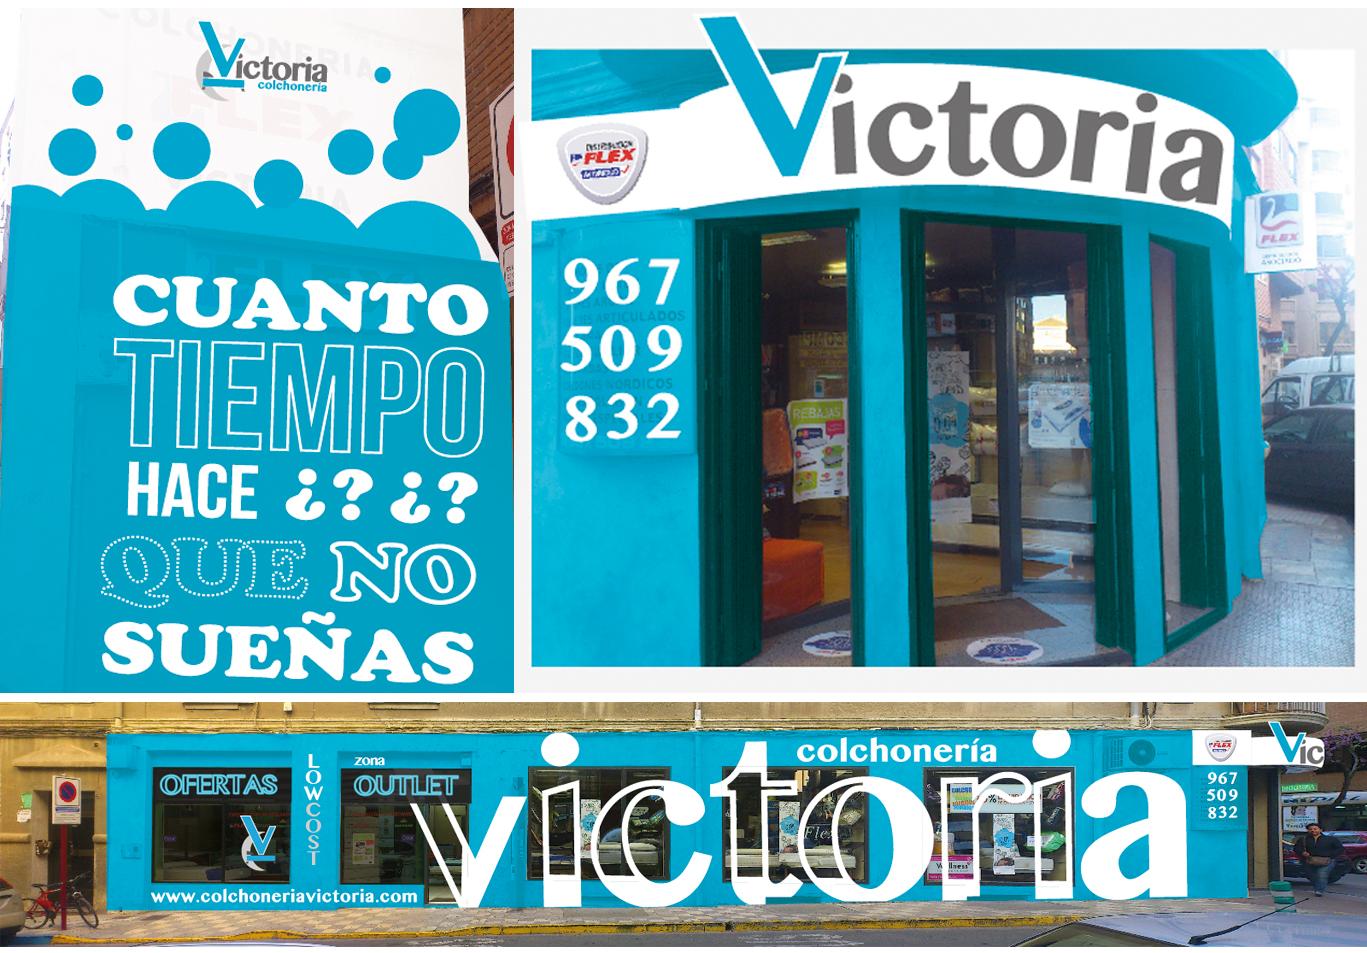 Diseño gráfico Albacete, diseño de fachada Colchonería Victoria